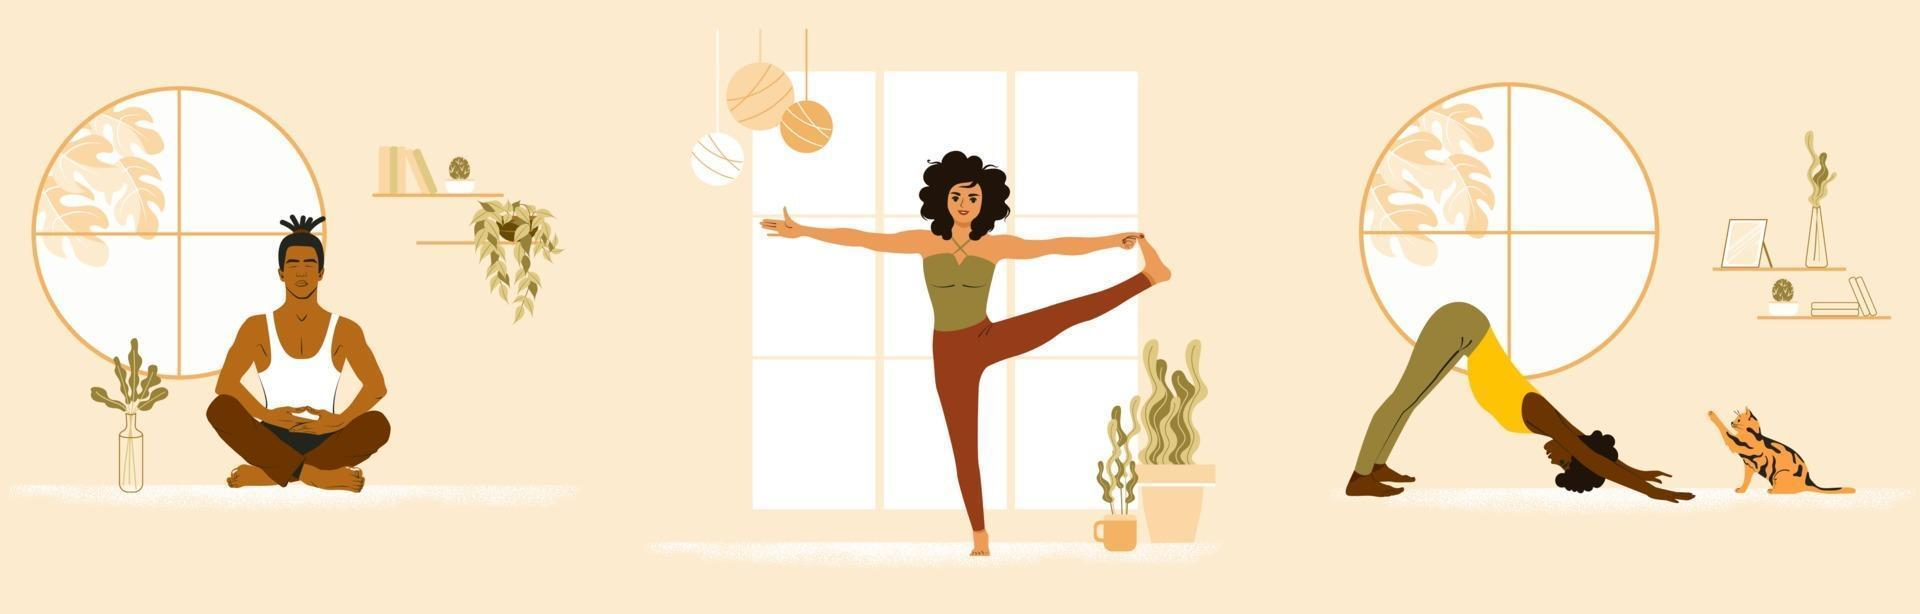 aantal jonge mensen die yoga thuis doen. Afro-Amerikaanse vrouw, Aziatische man en wit meisje op yogales. platte vectorillustratie vector